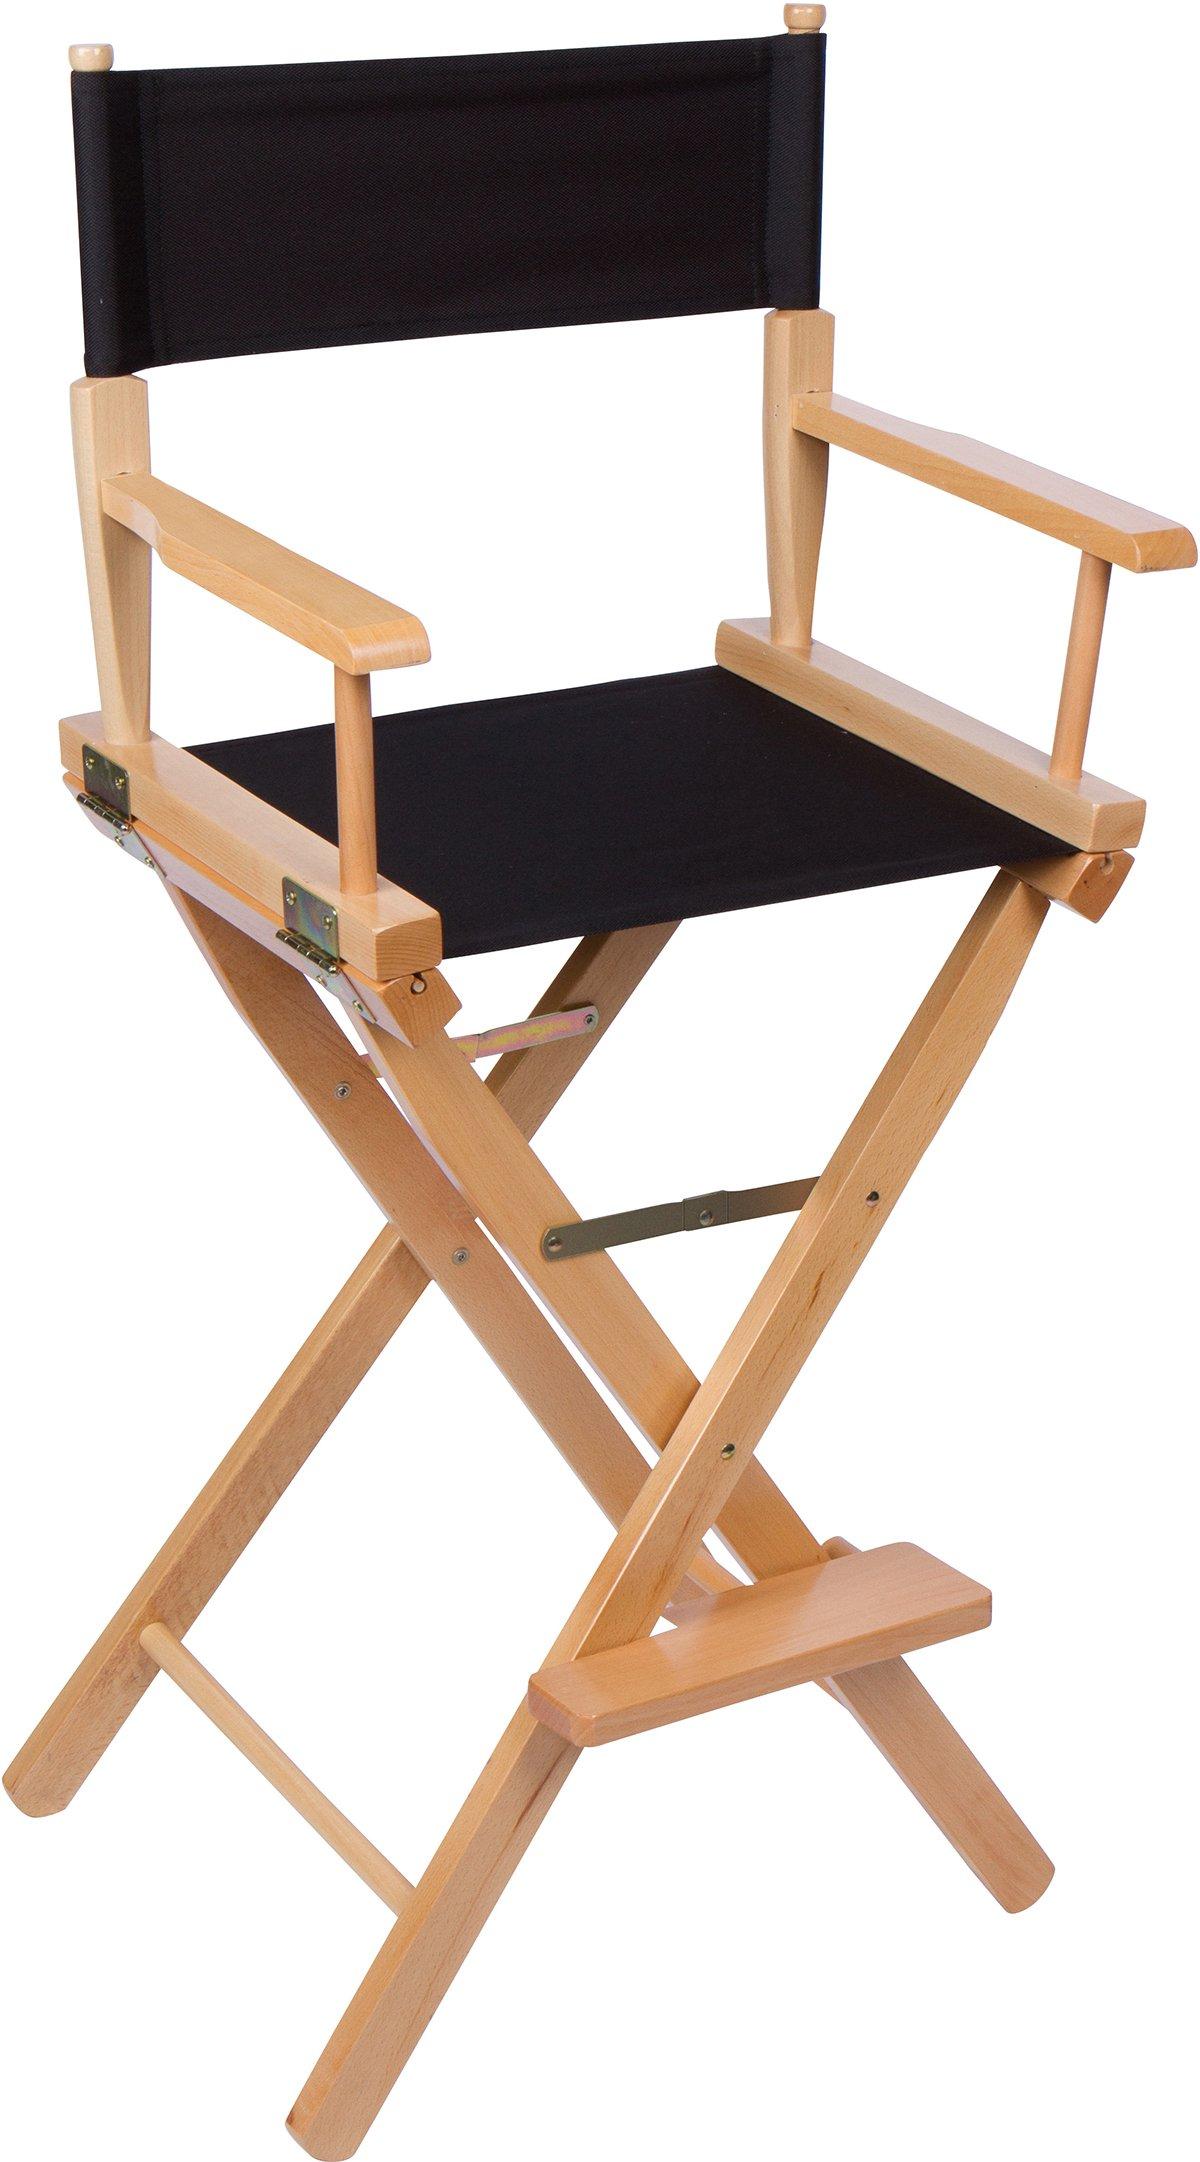 Trademark Innovations DIREC30LW-BL Director Chair, Black by Trademark Innovations